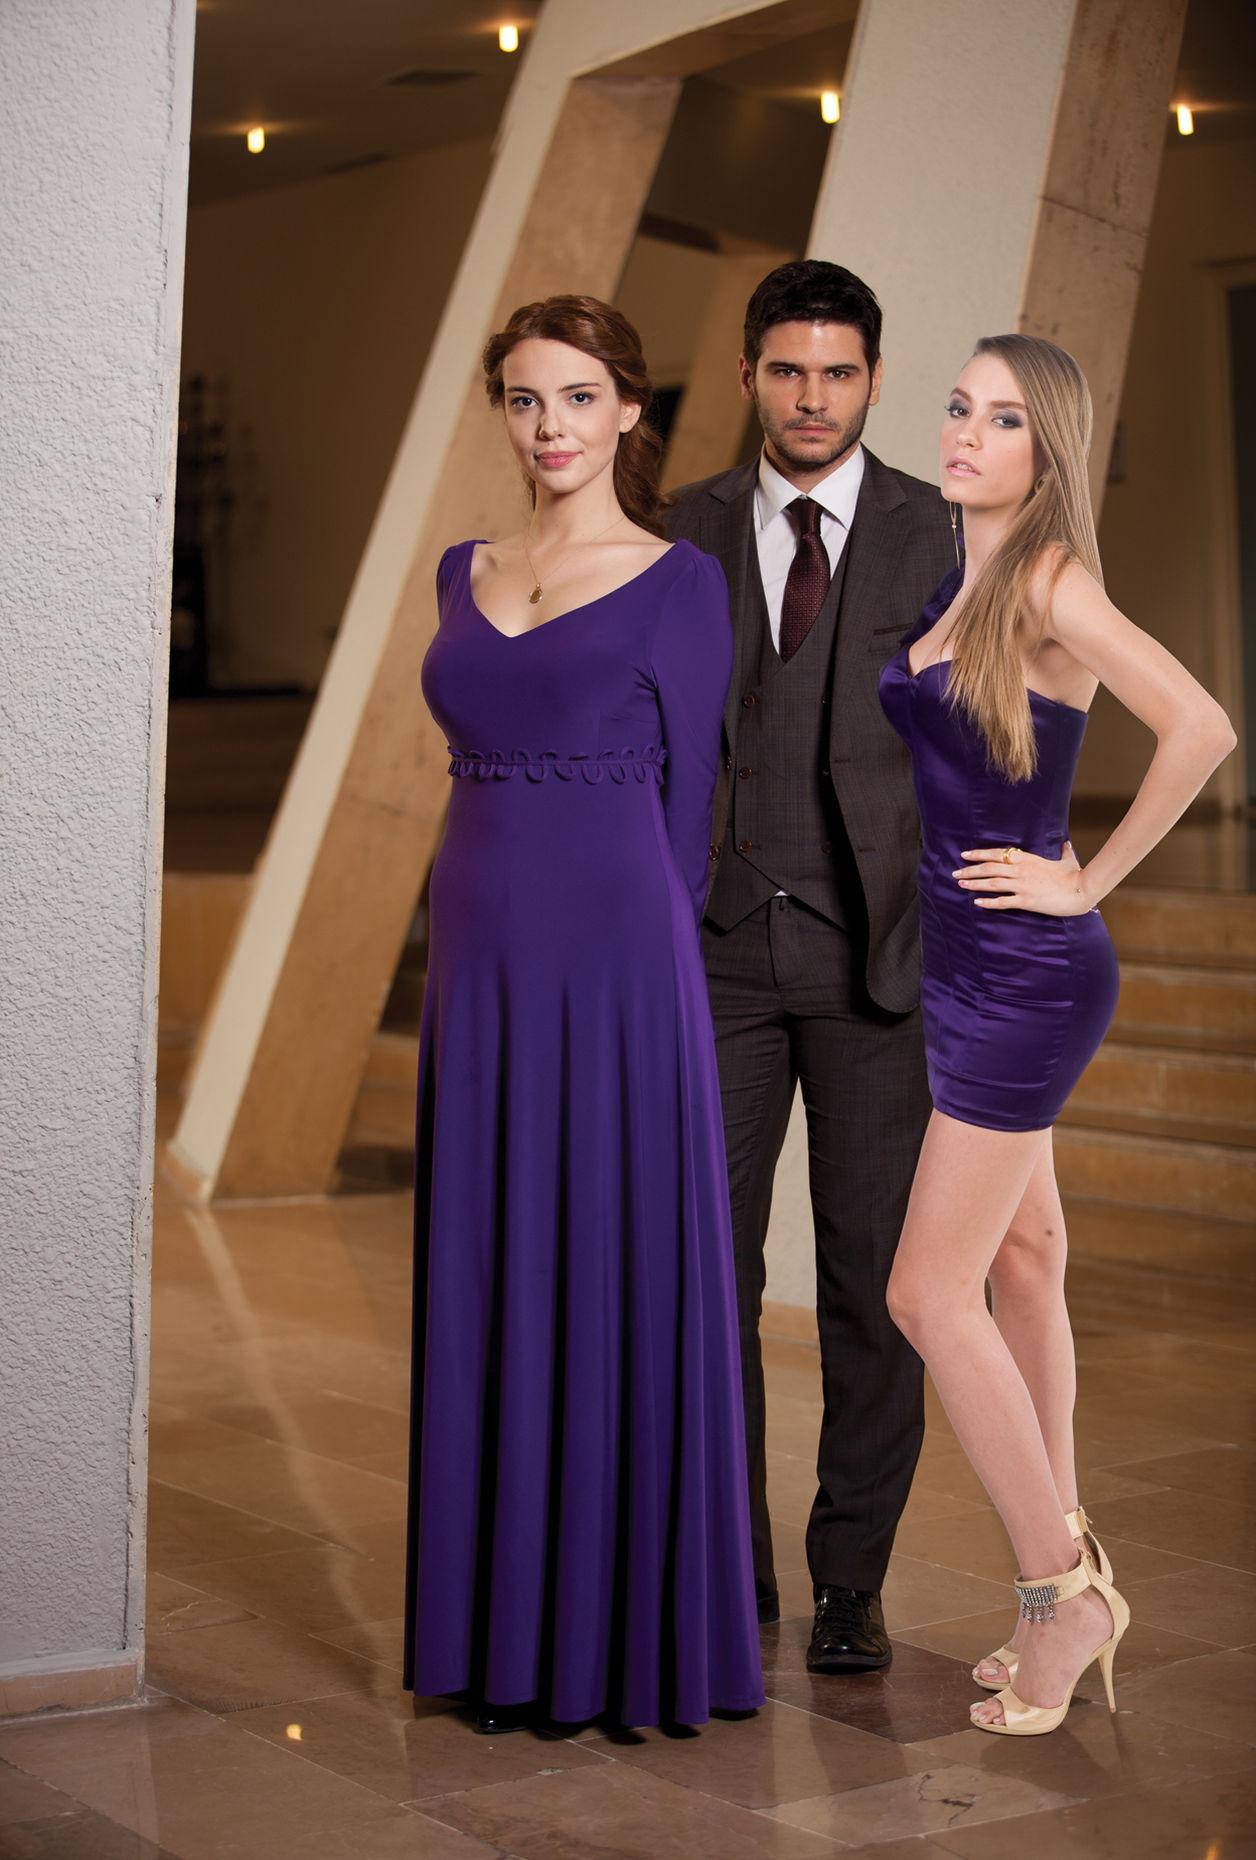 Şükrü Avşar'ın yapımcısı olduğu TV dizileri arasında 'Lale Devri' de bulunuyor.